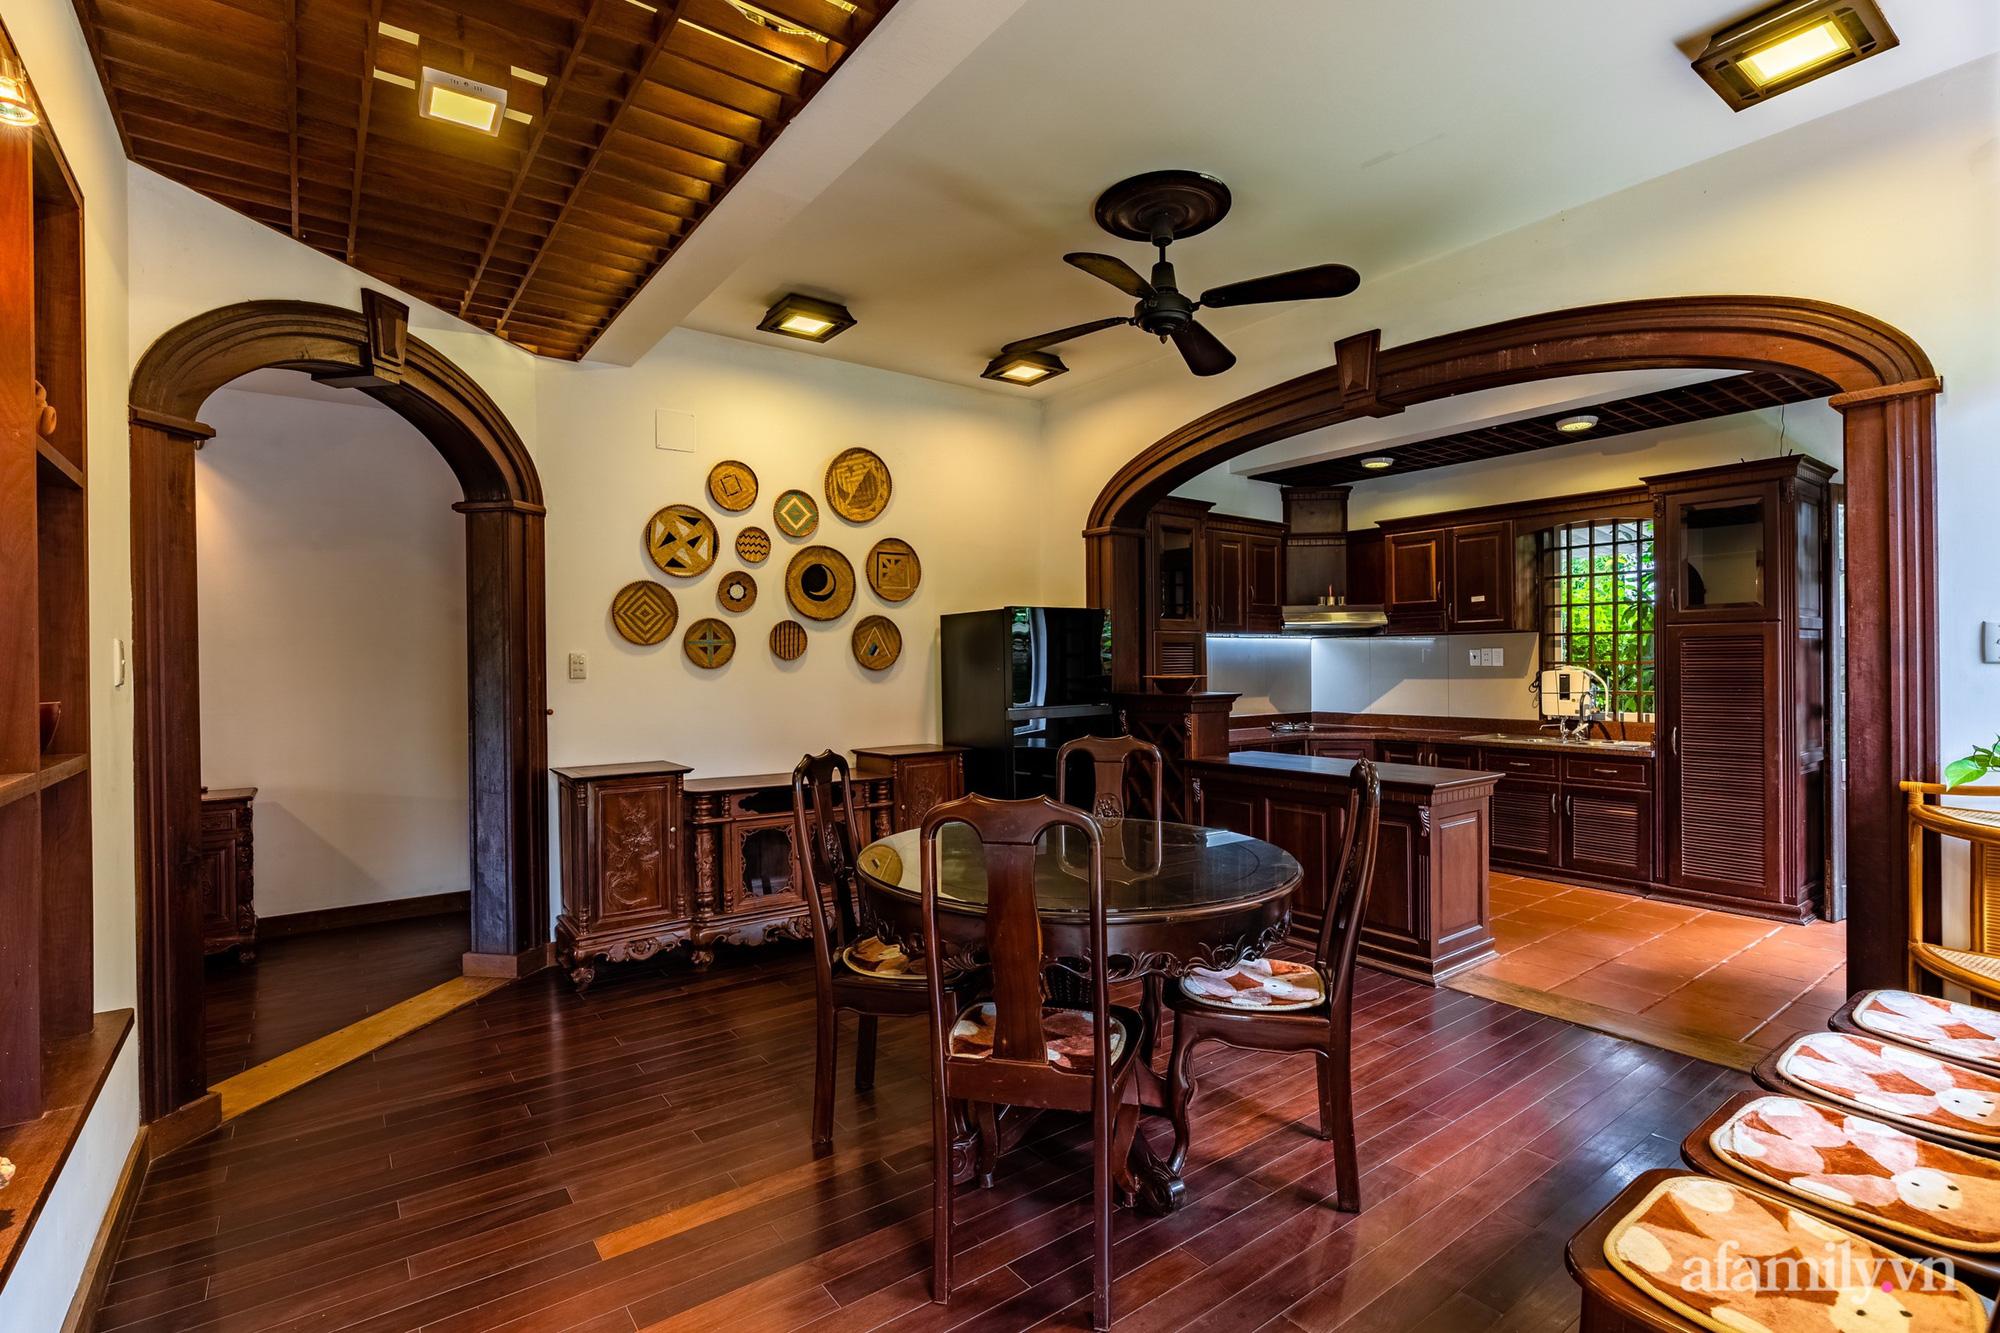 Căn nhà vườn xây 10 năm vẫn đẹp hút mắt với nội thất gỗ và cây xanh quanh nhà ở Nha Trang-10